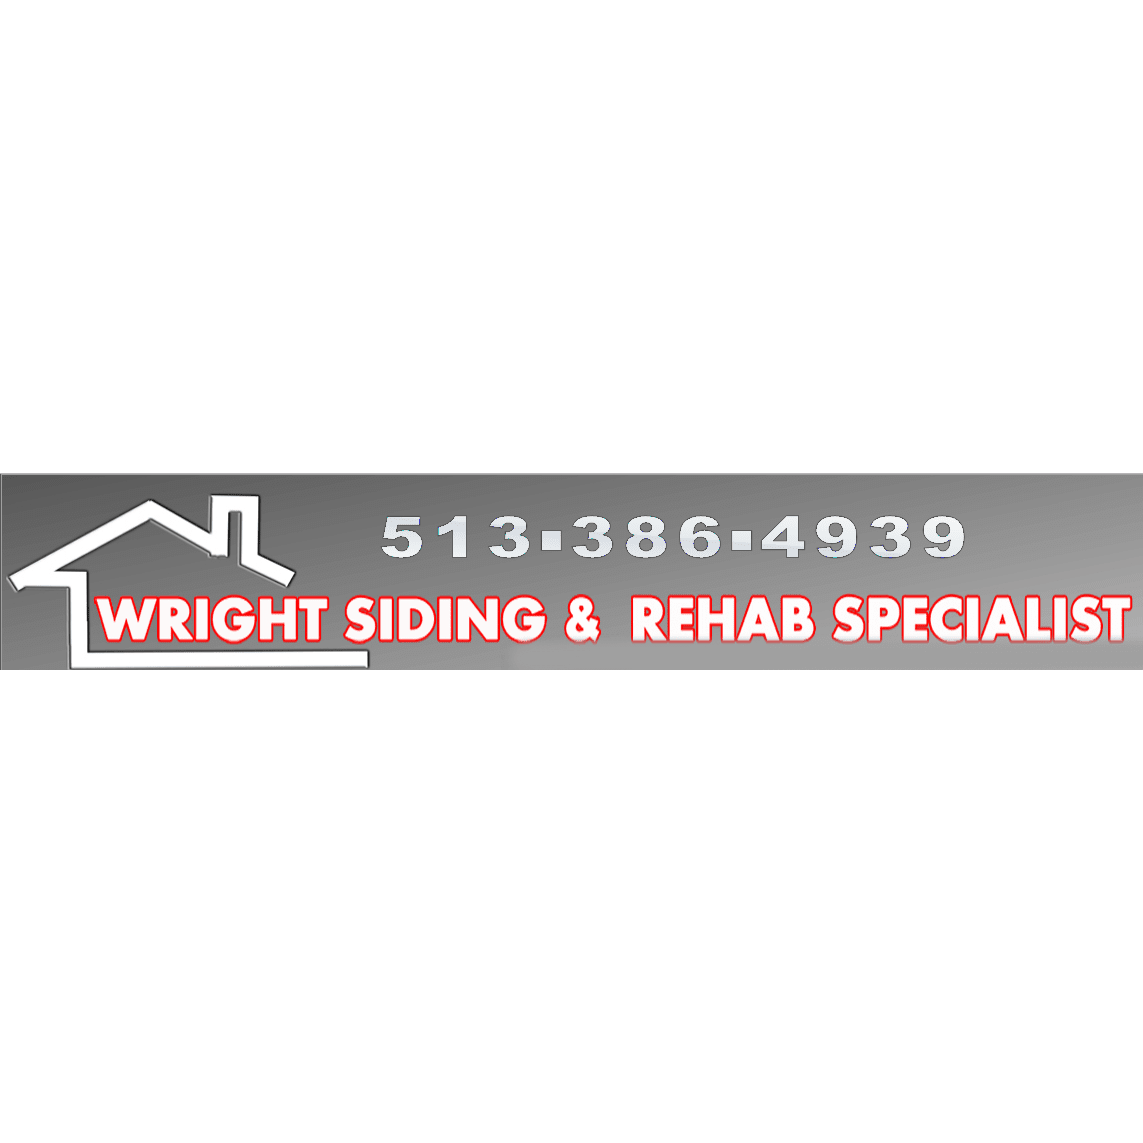 Wright Siding & Rehabilitation Specialists